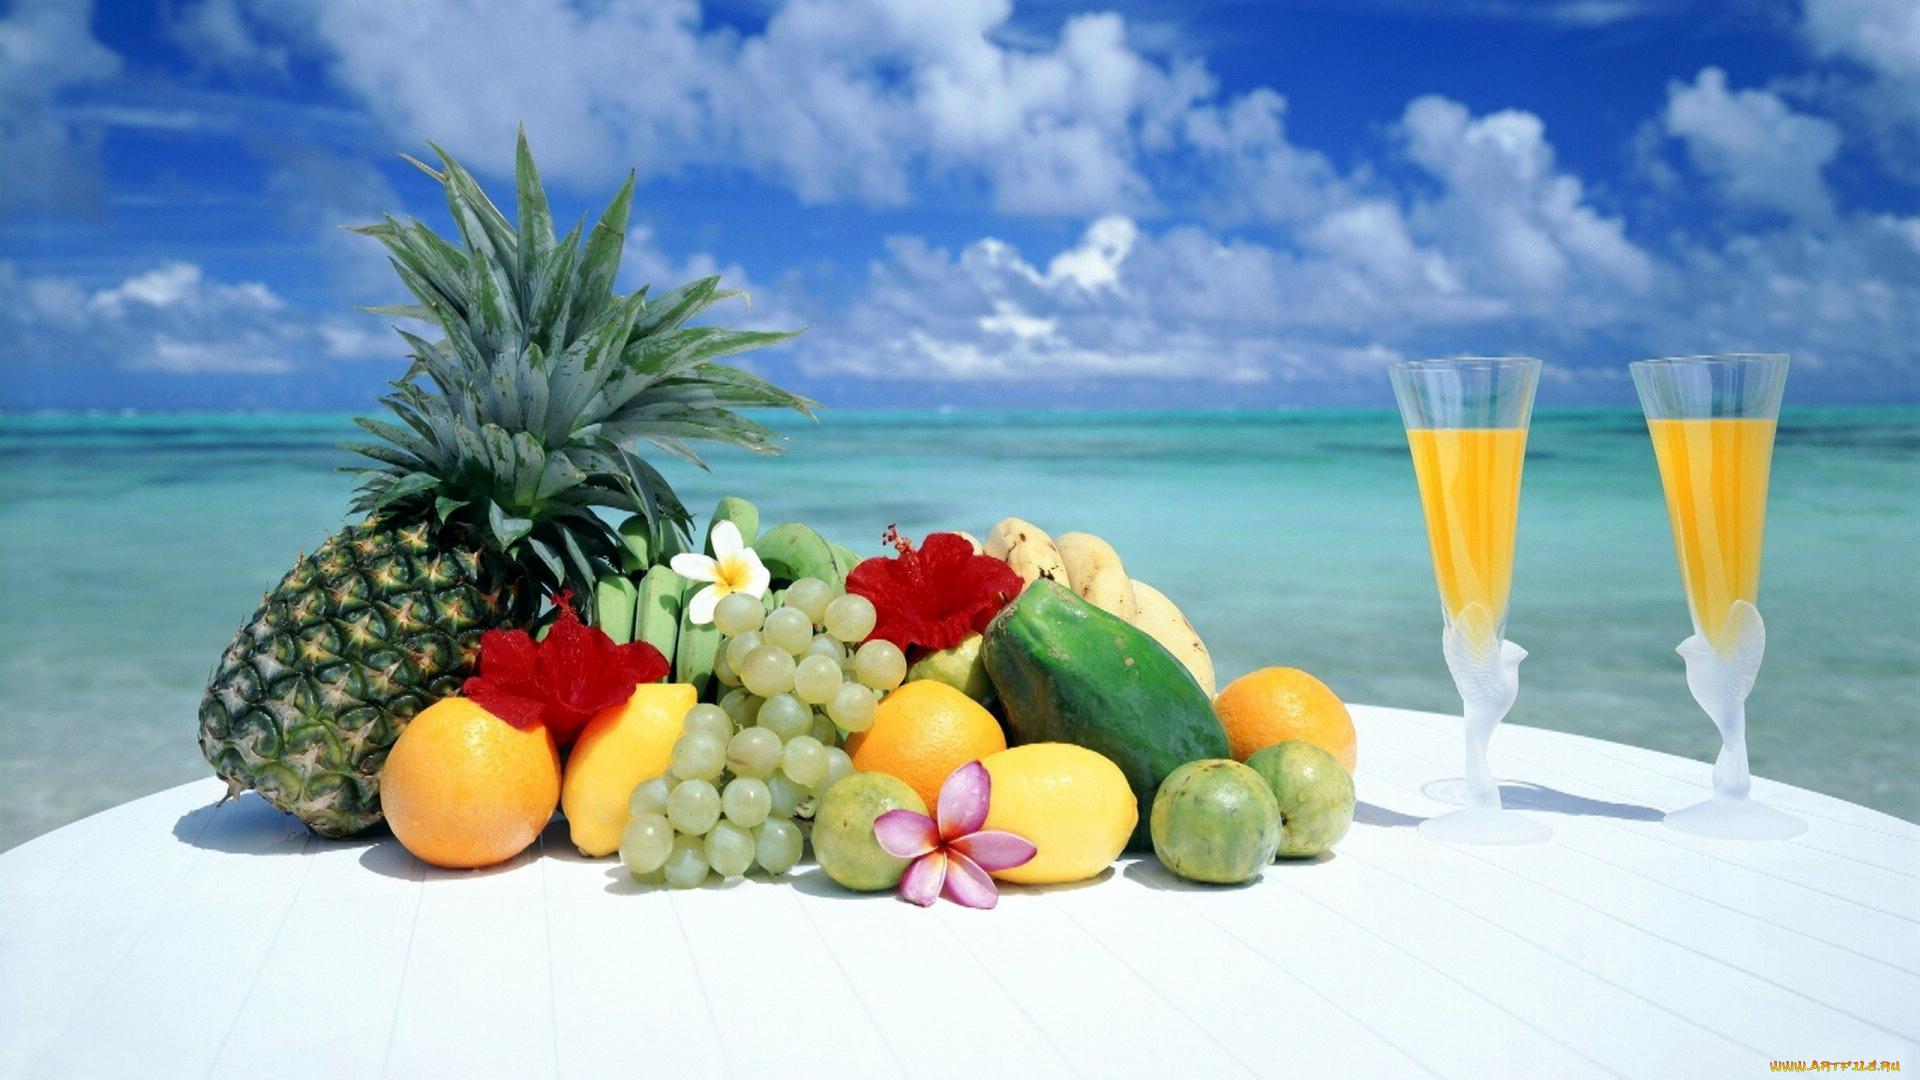 Картинки фрукты море